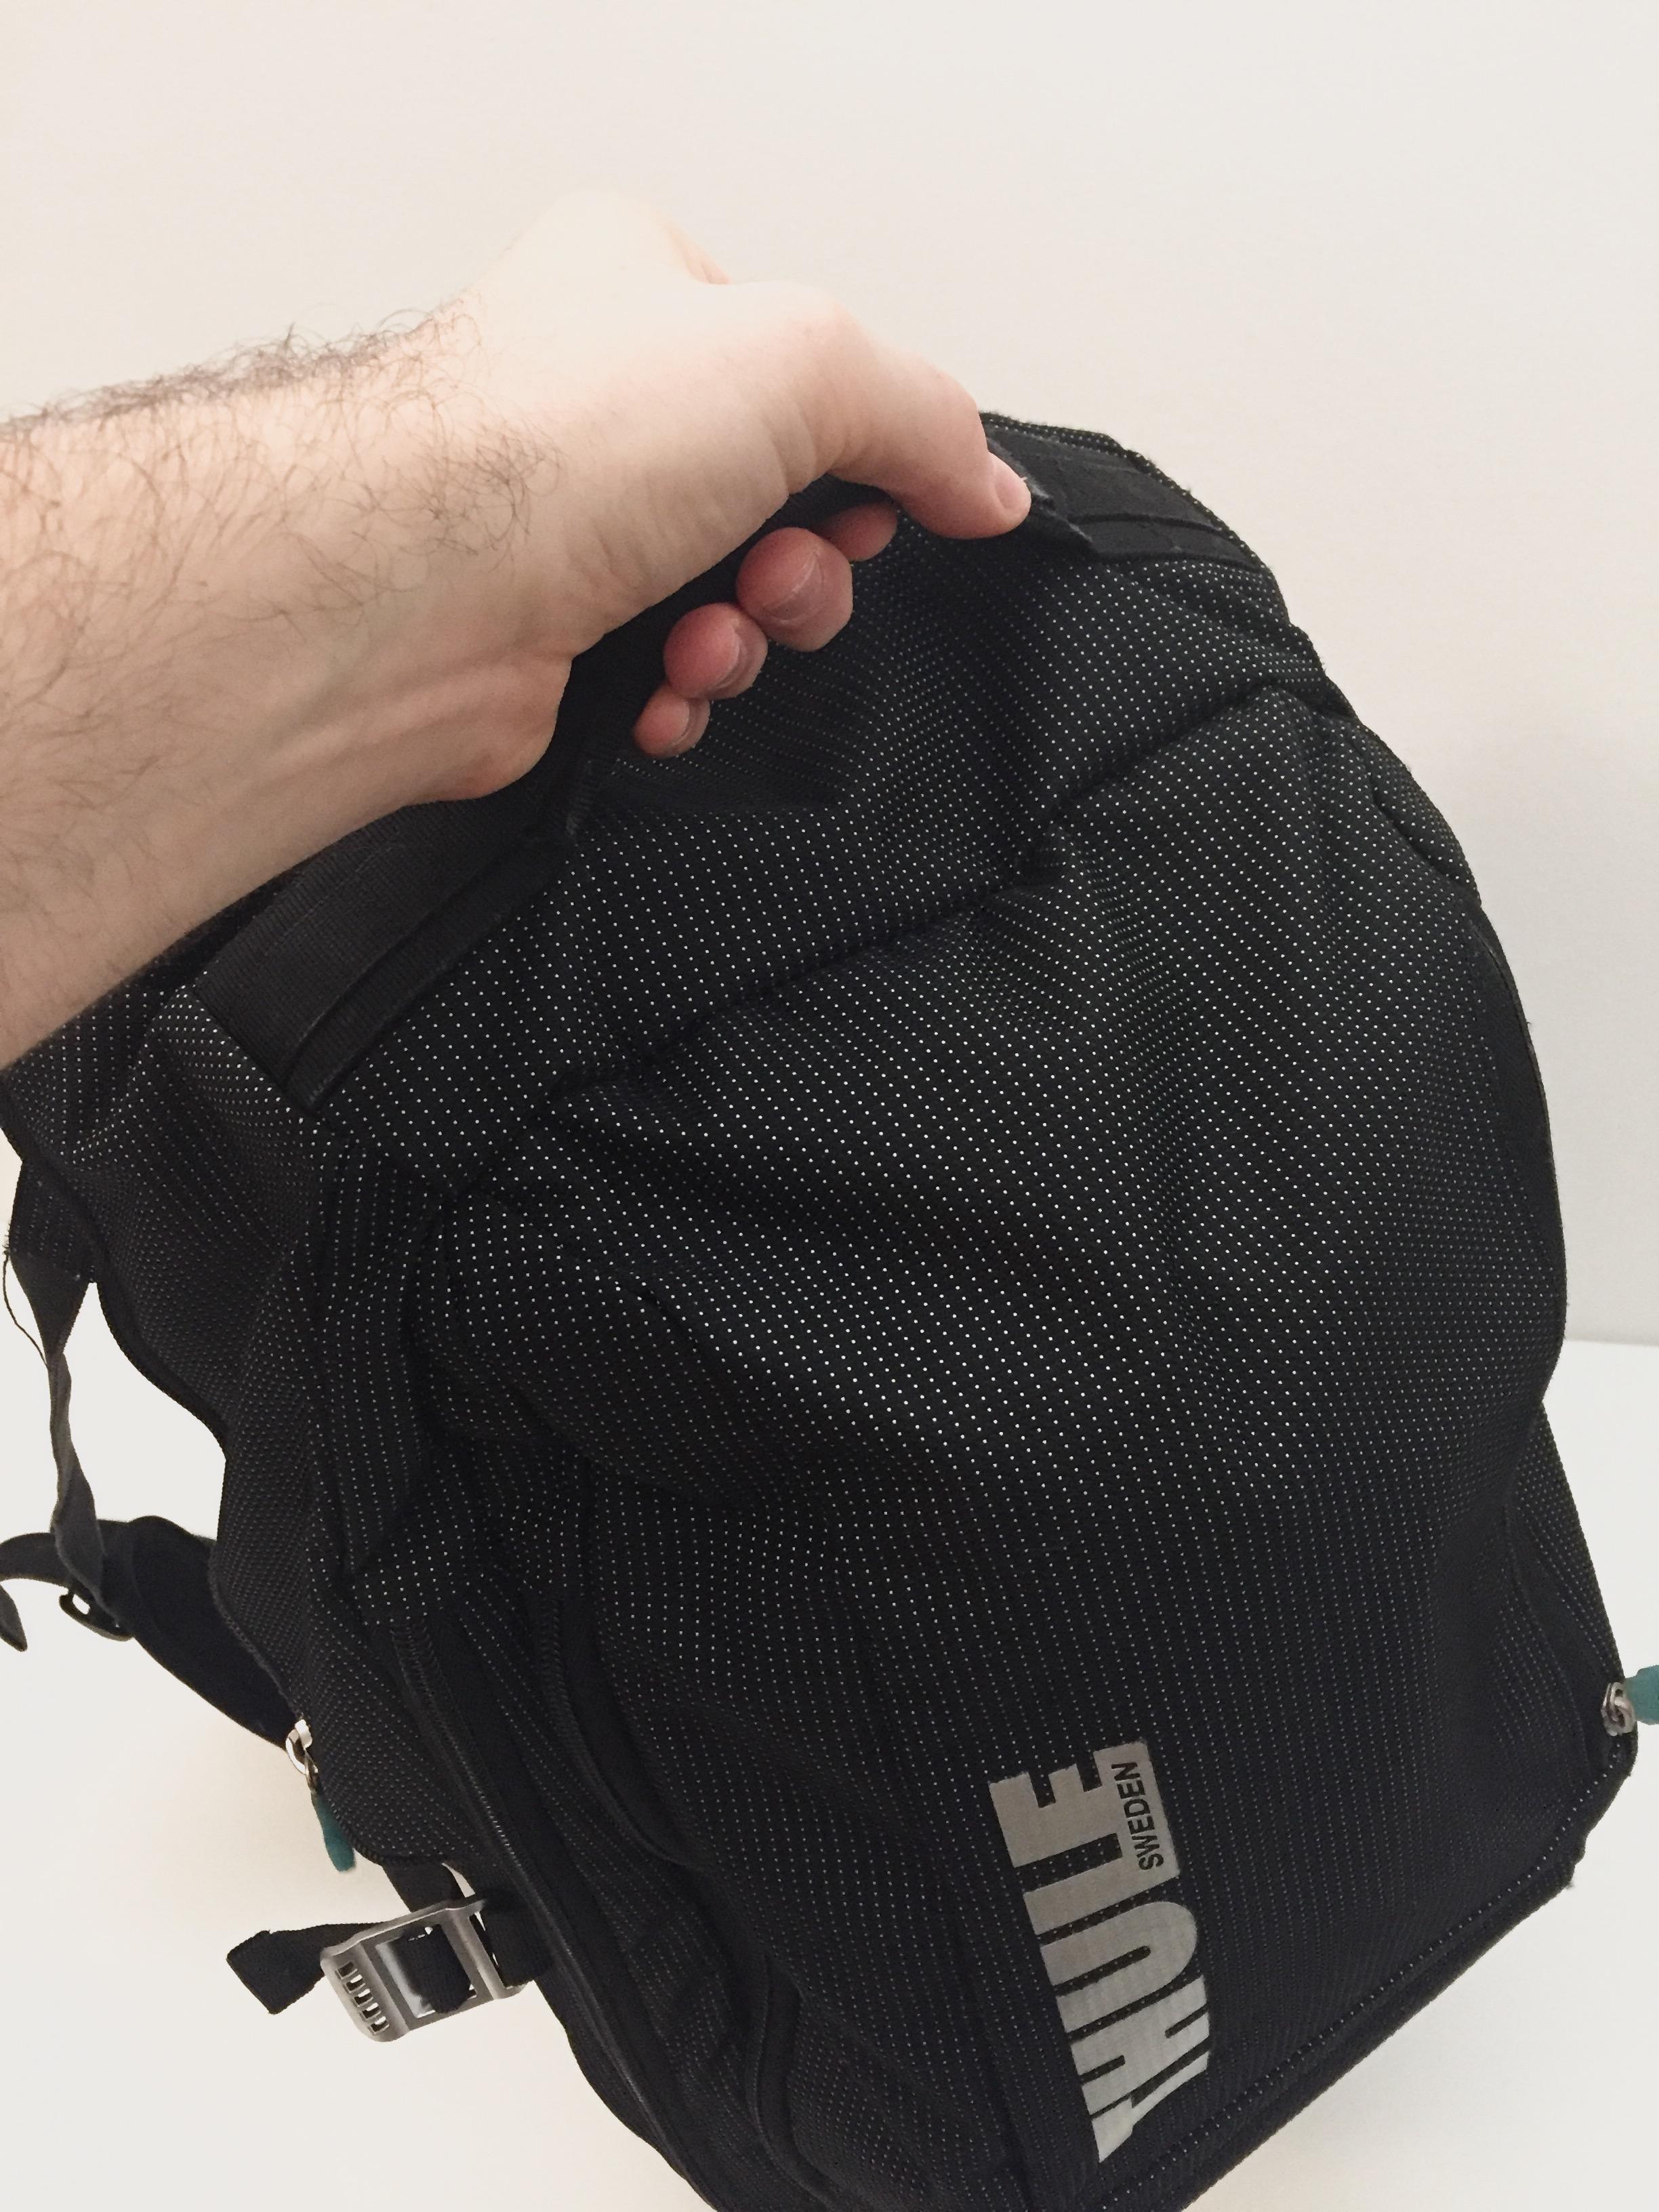 20170904 Thule Crossover 21L Mon sac à dos au quotidien 8